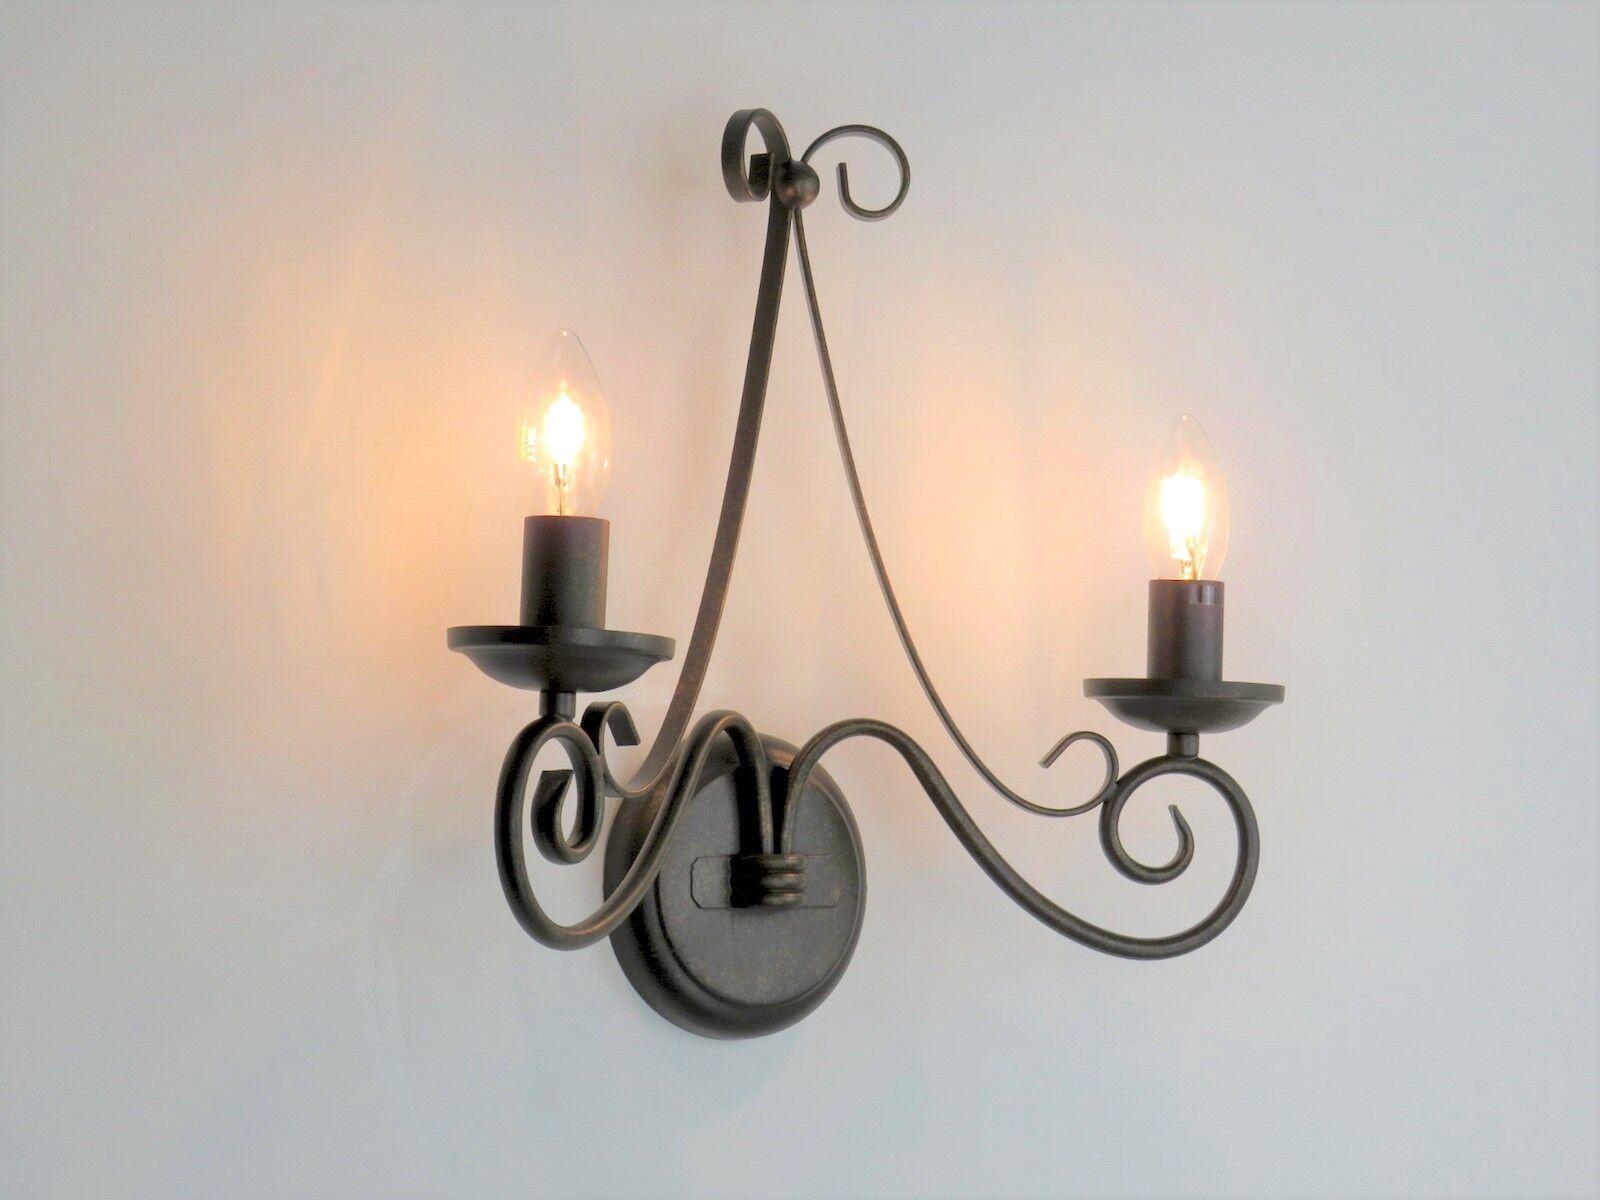 Lampada da parete applique classico classico classico rustico